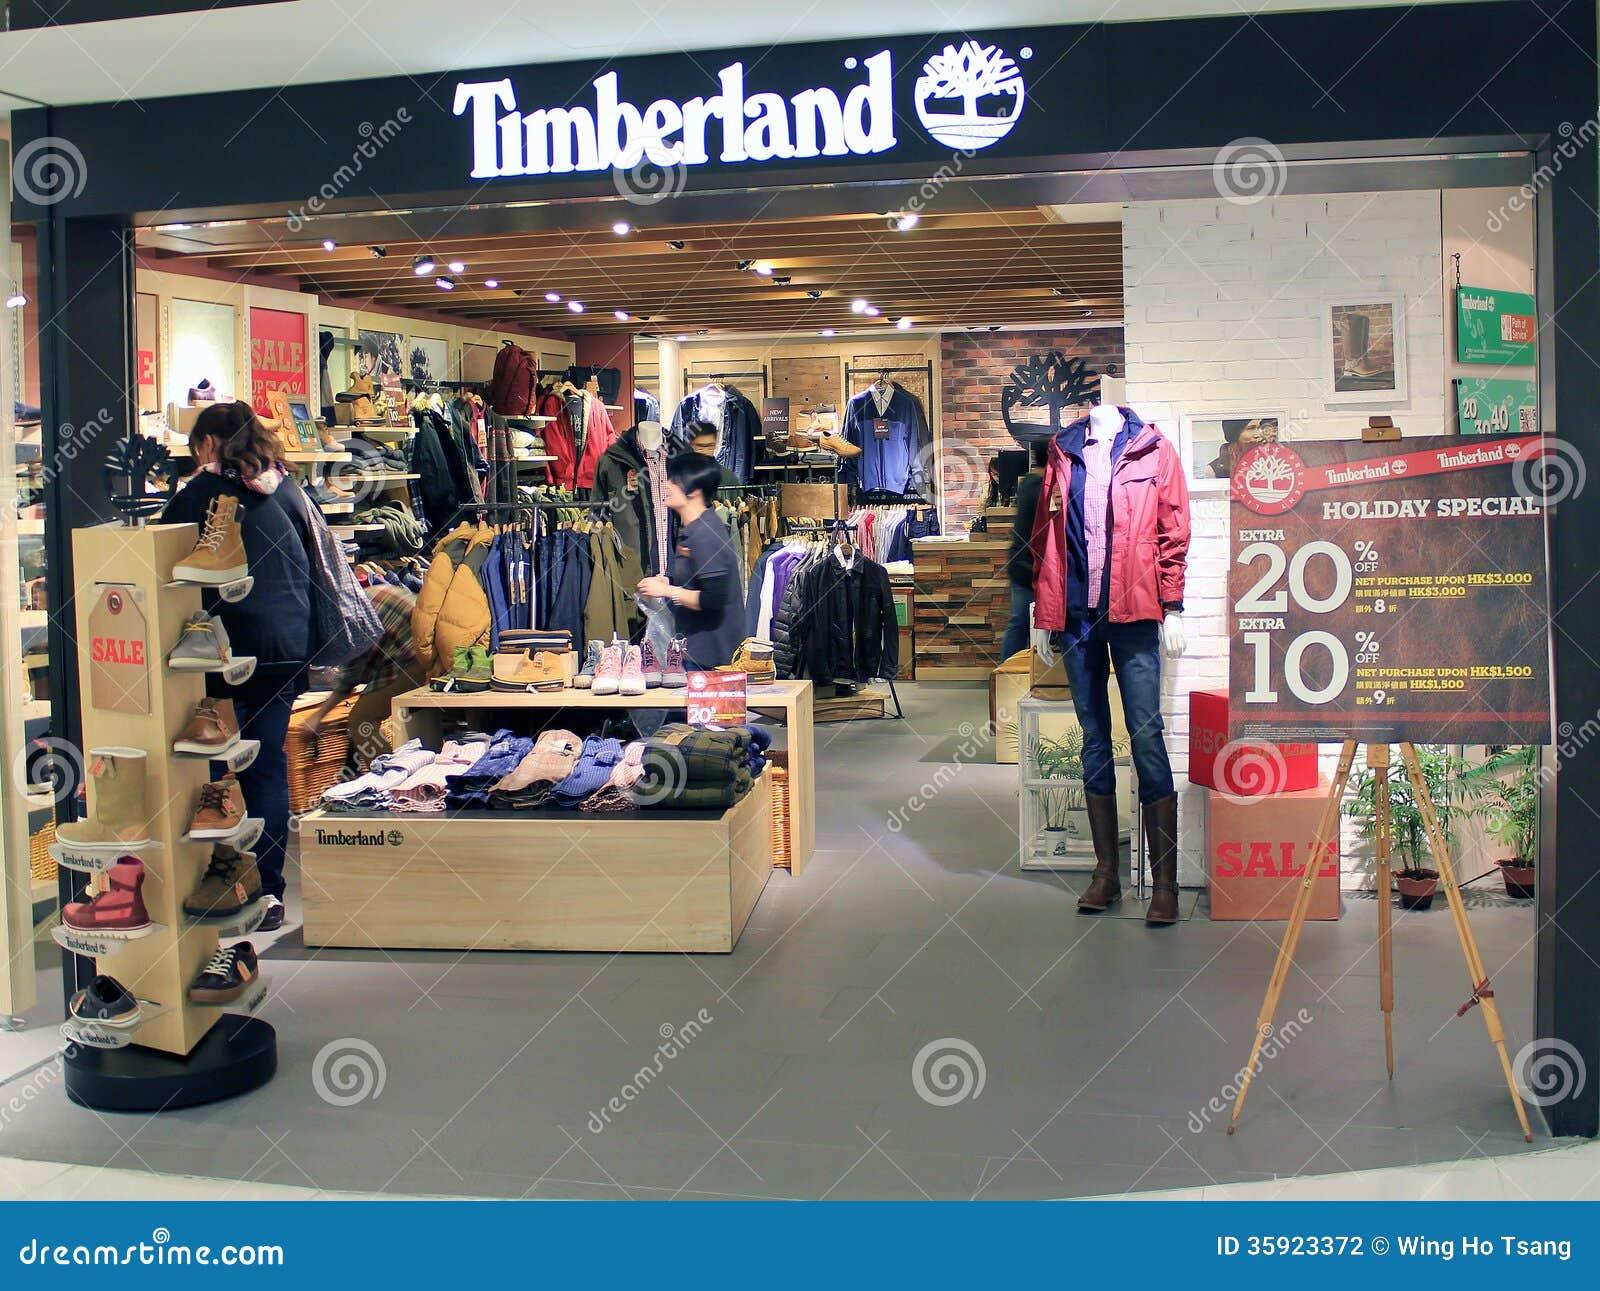 timberland retailer